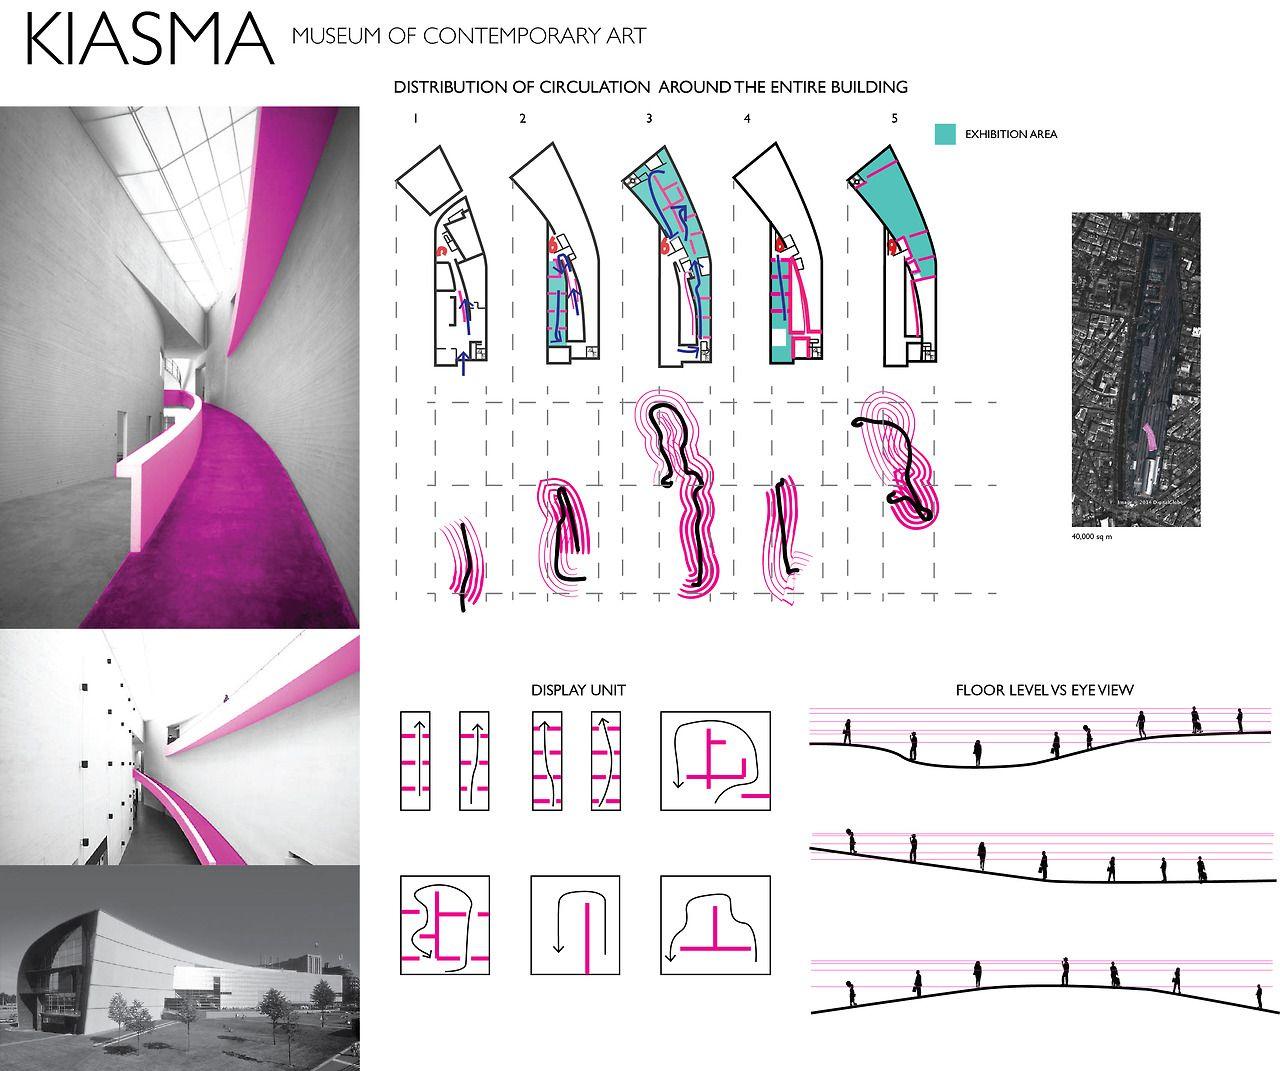 Kiasma - Glossary of Contemporary Art Terms